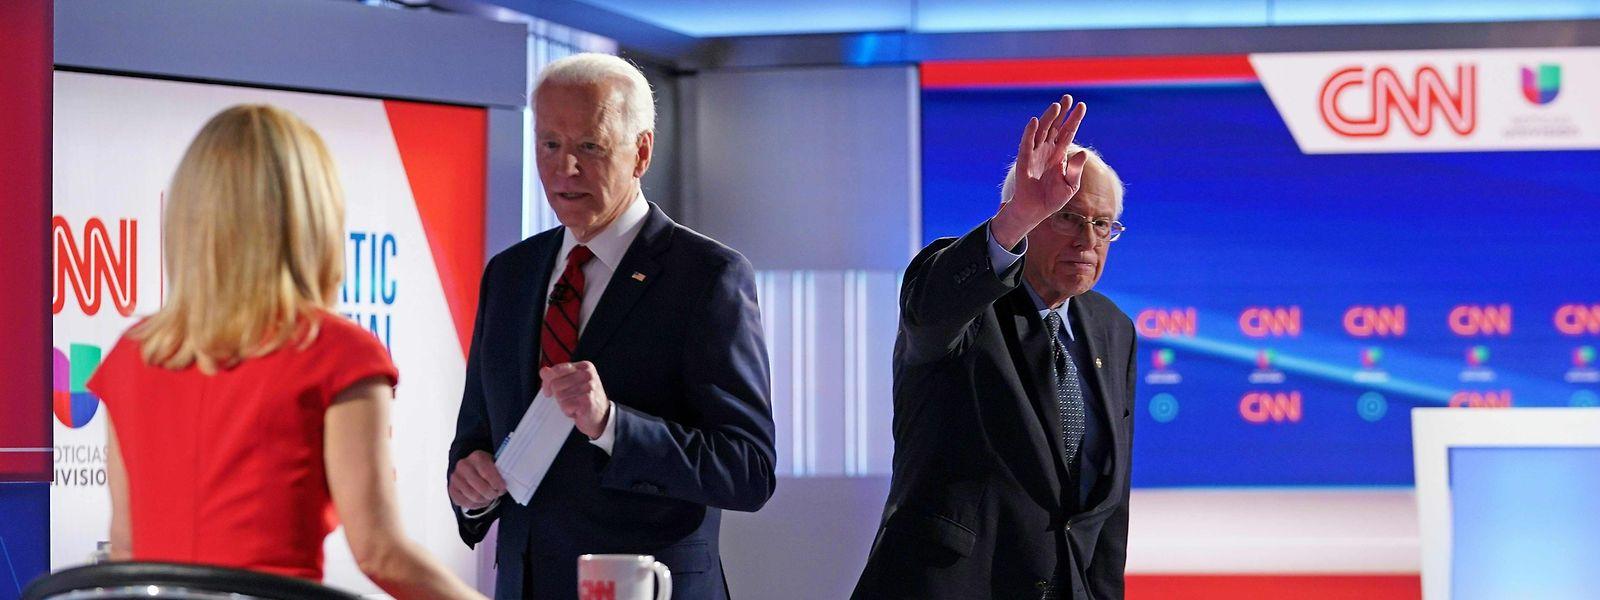 Joe Biden, ici avec la journaliste Dana Bash de CNN, a fait un come-back spectaculaire et a rassemblé derrière lui le camp modéré.